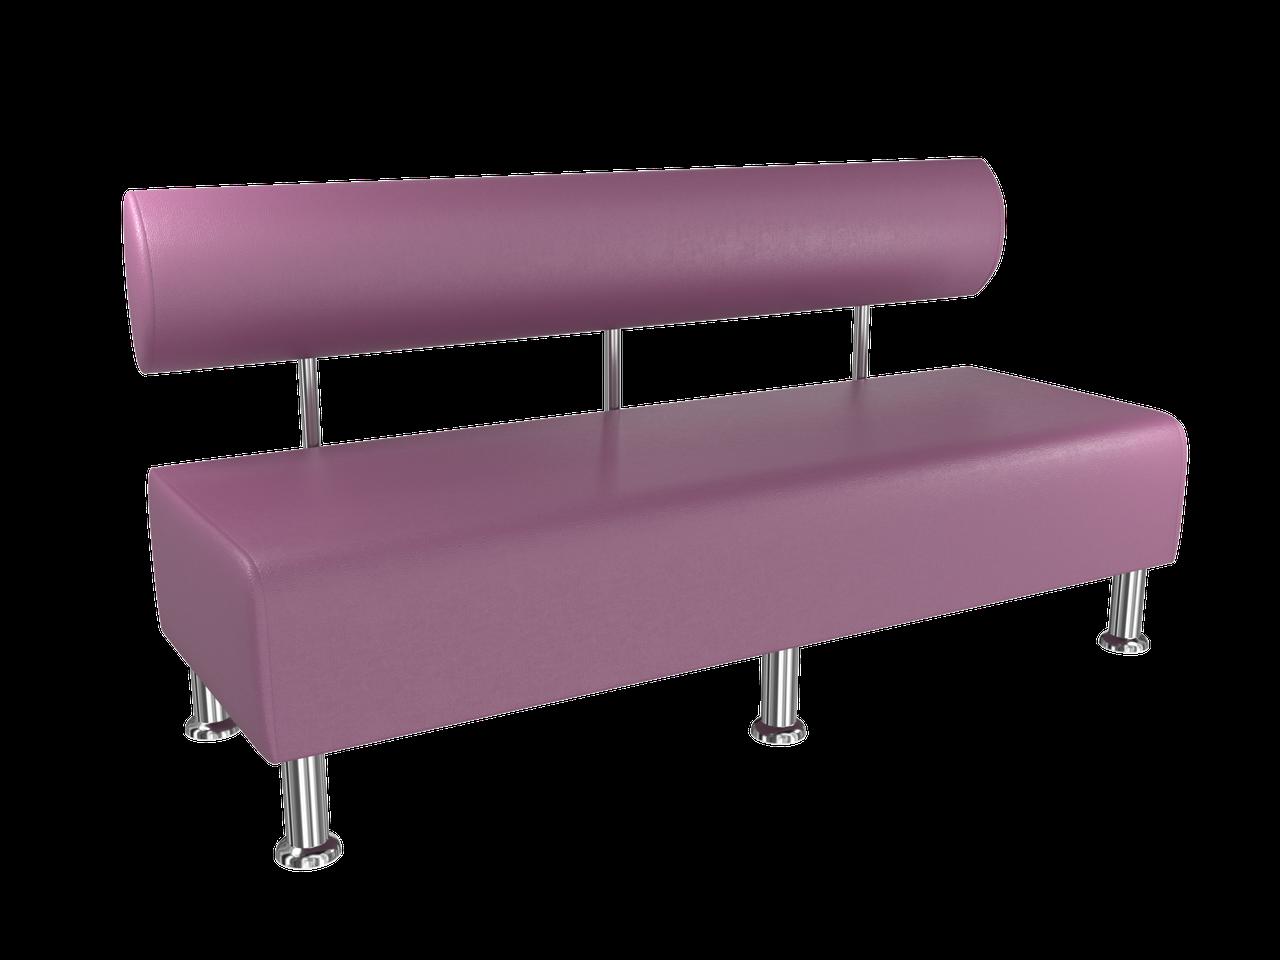 Диван BNB Solo1500x540x750 фиолетовый. Для школы, больницы, приемной, ожидания